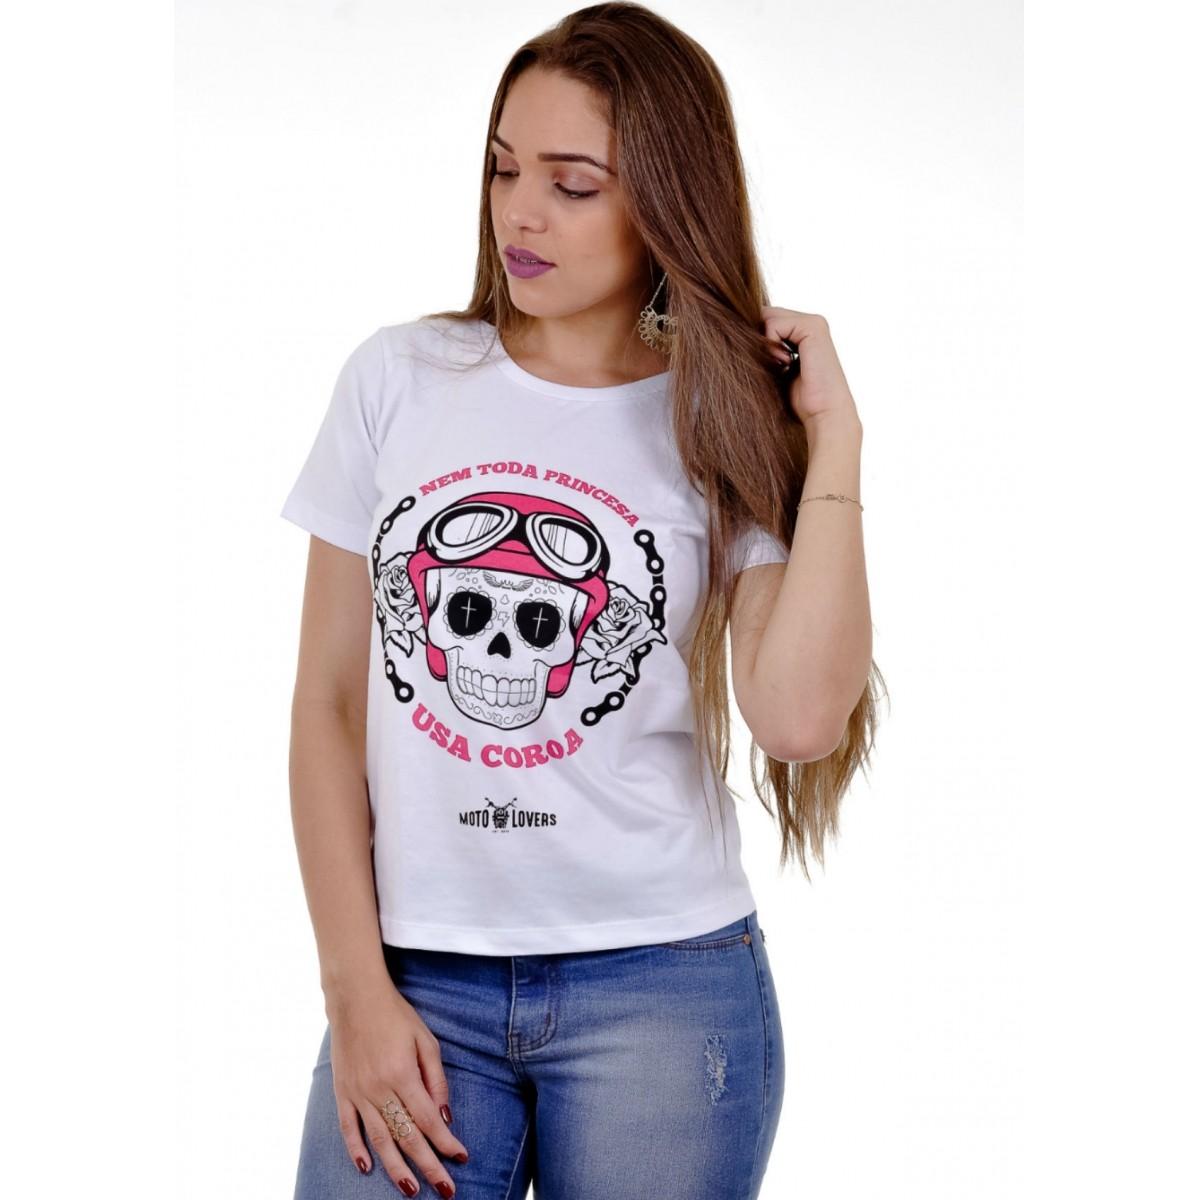 Camiseta Mulher Motociclista - Nem toda Princesa usa Coroa